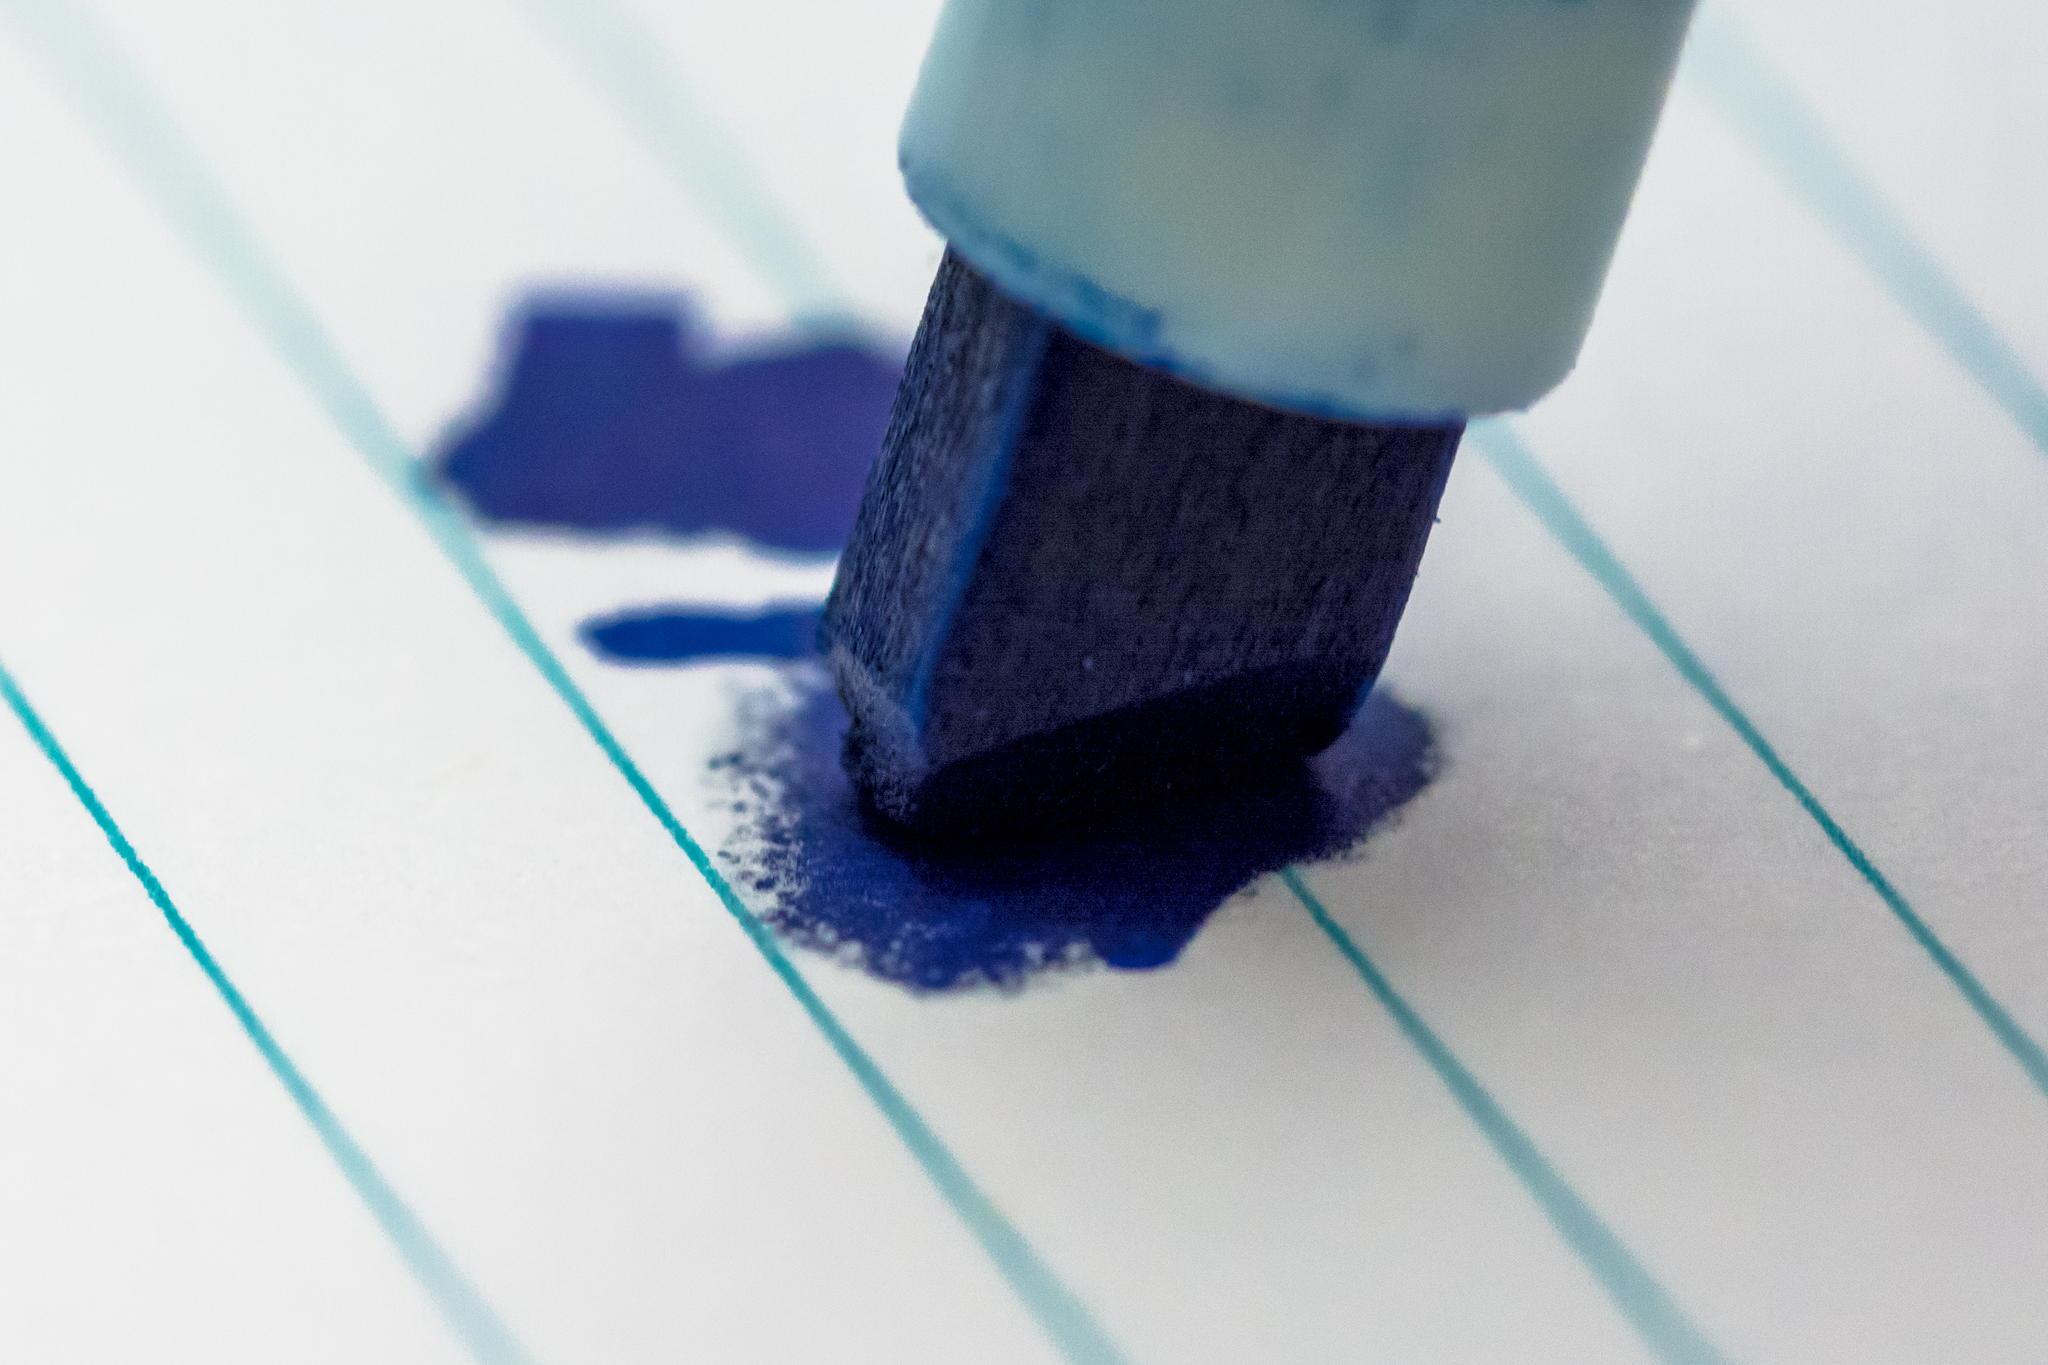 Schriftmuster eines Faserschreibers